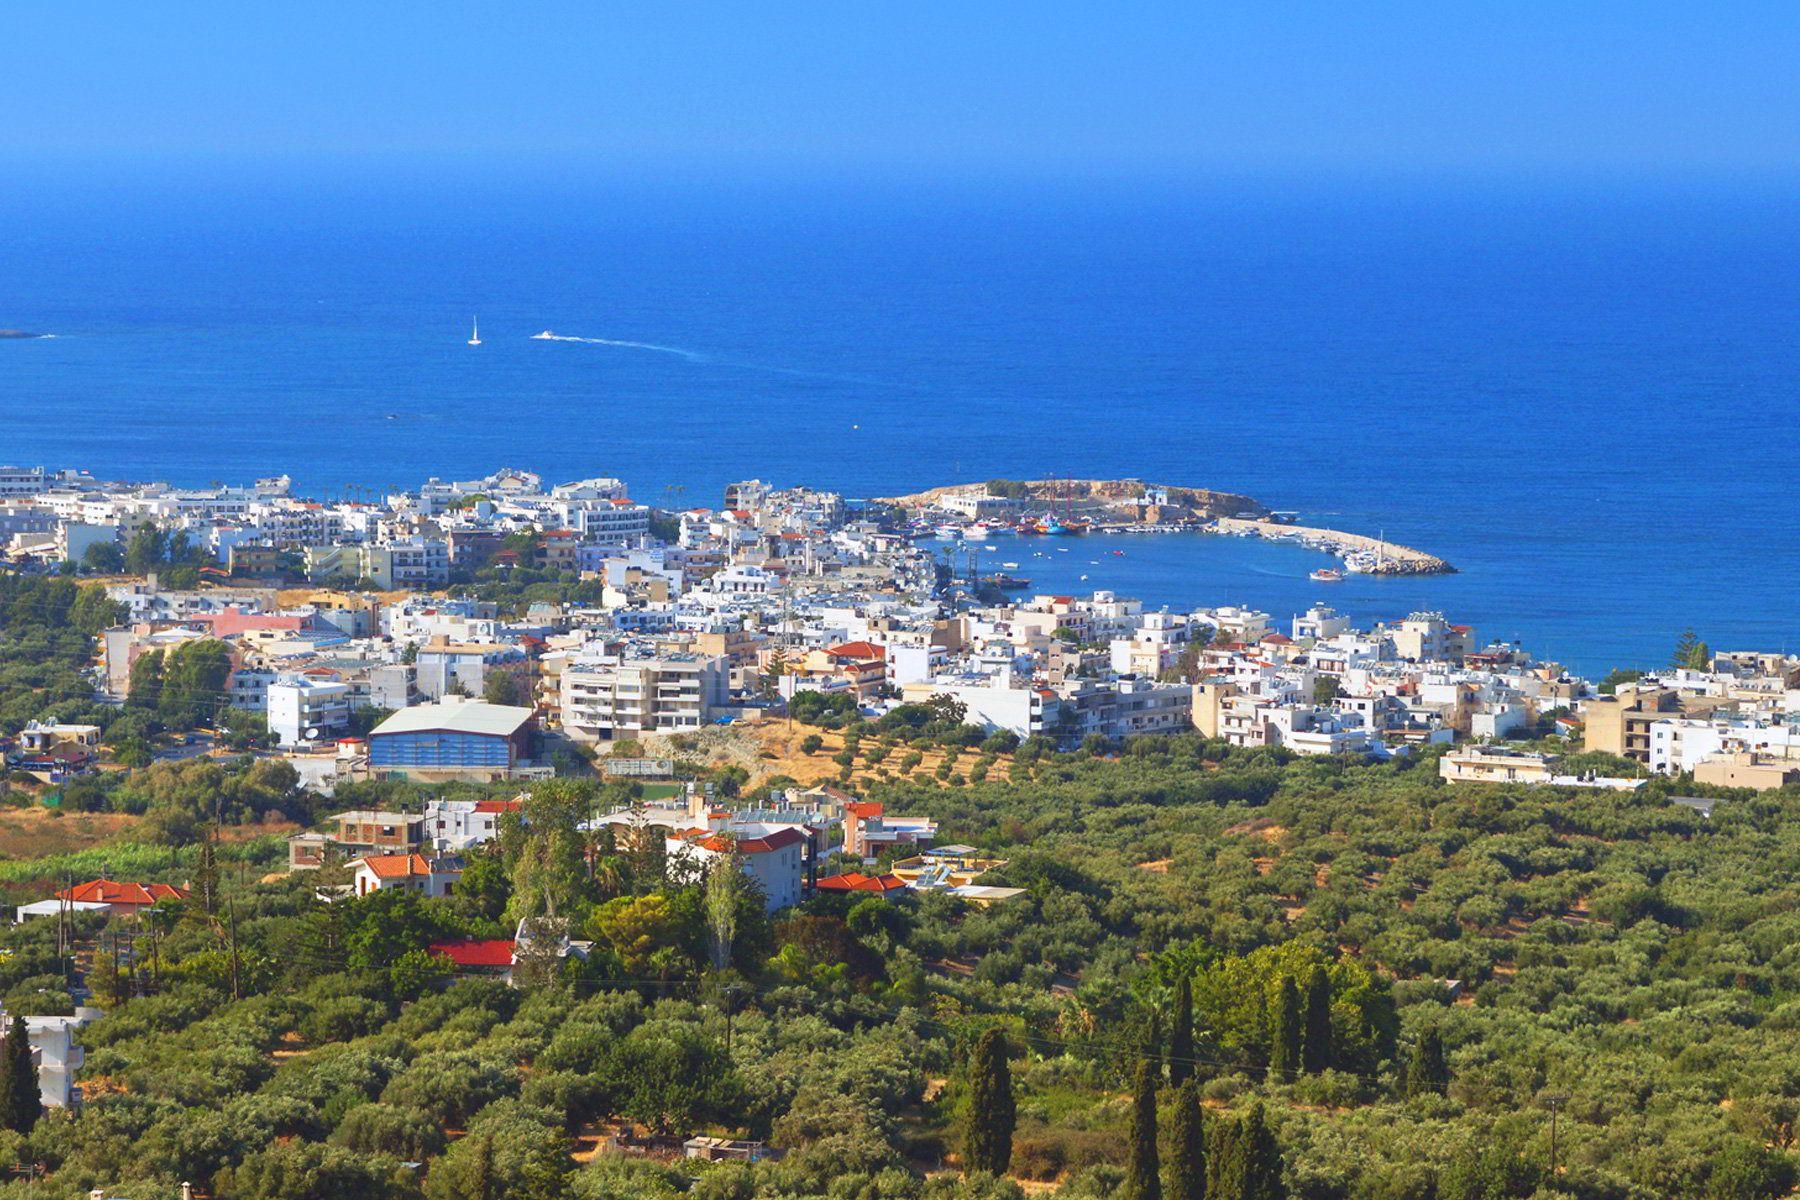 Χερσόνησος, Ηράκλειο, Κρήτη